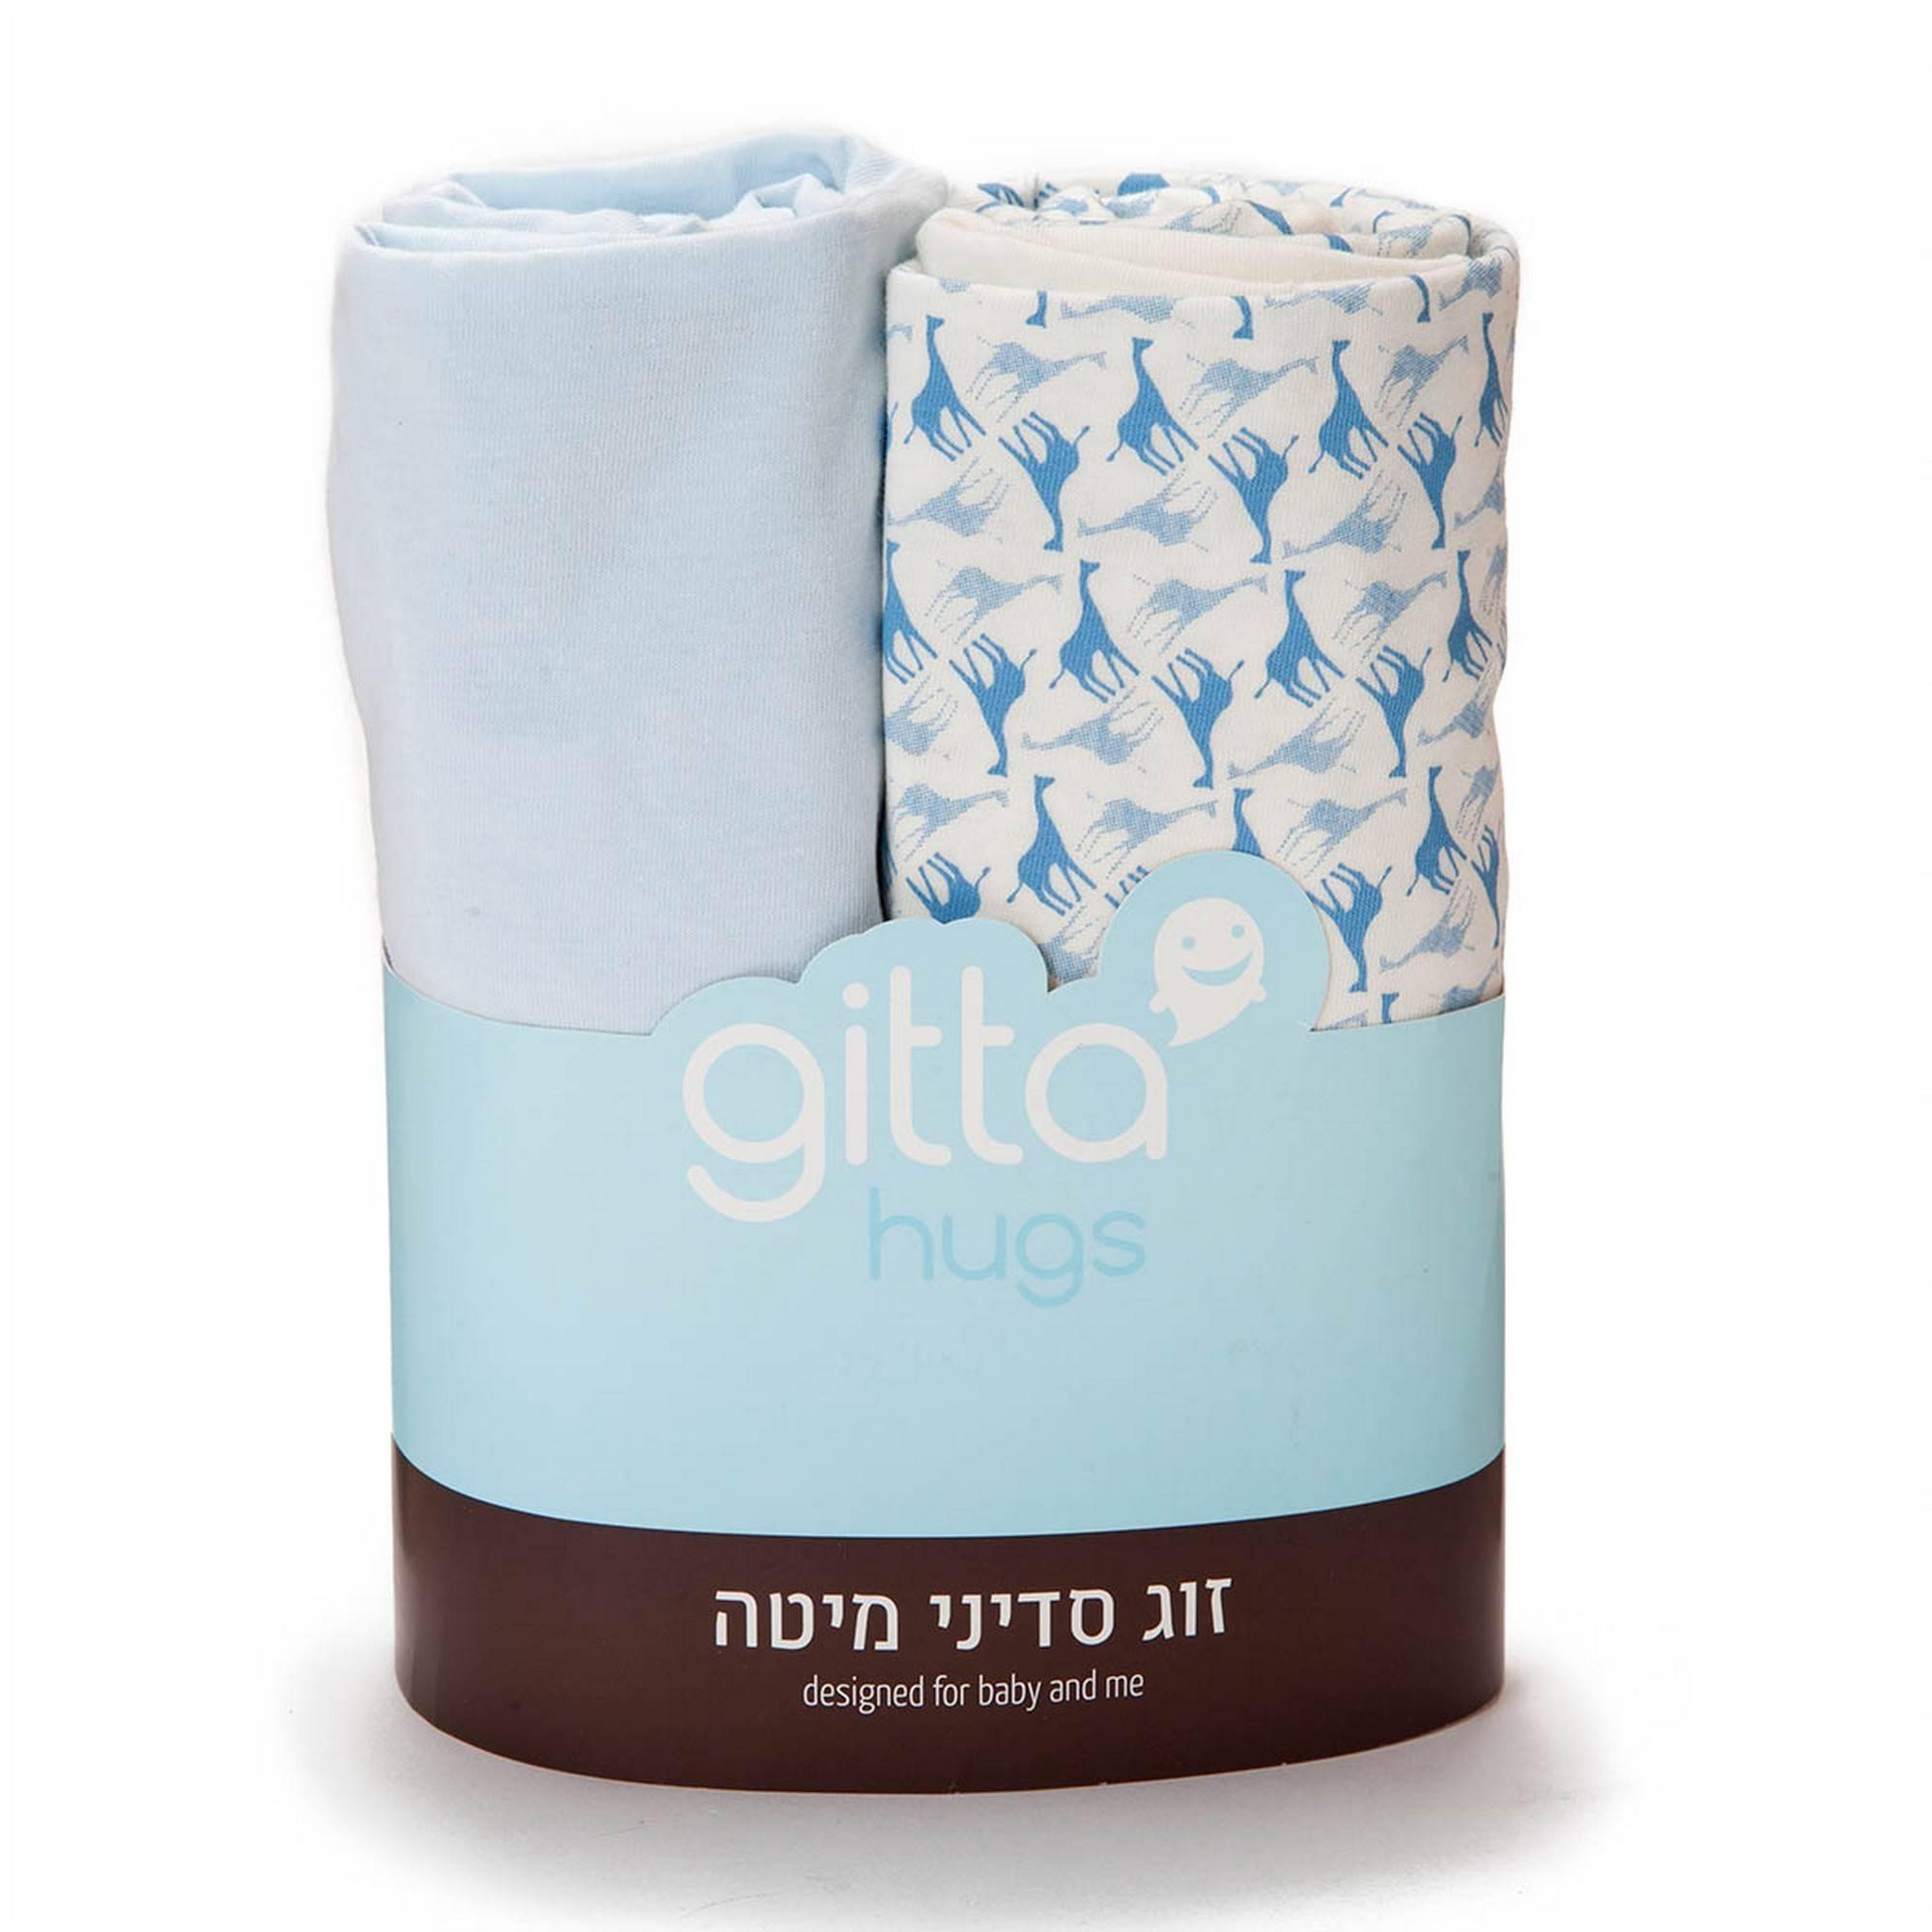 GITTA Cot Sheets - Blue Giraffe